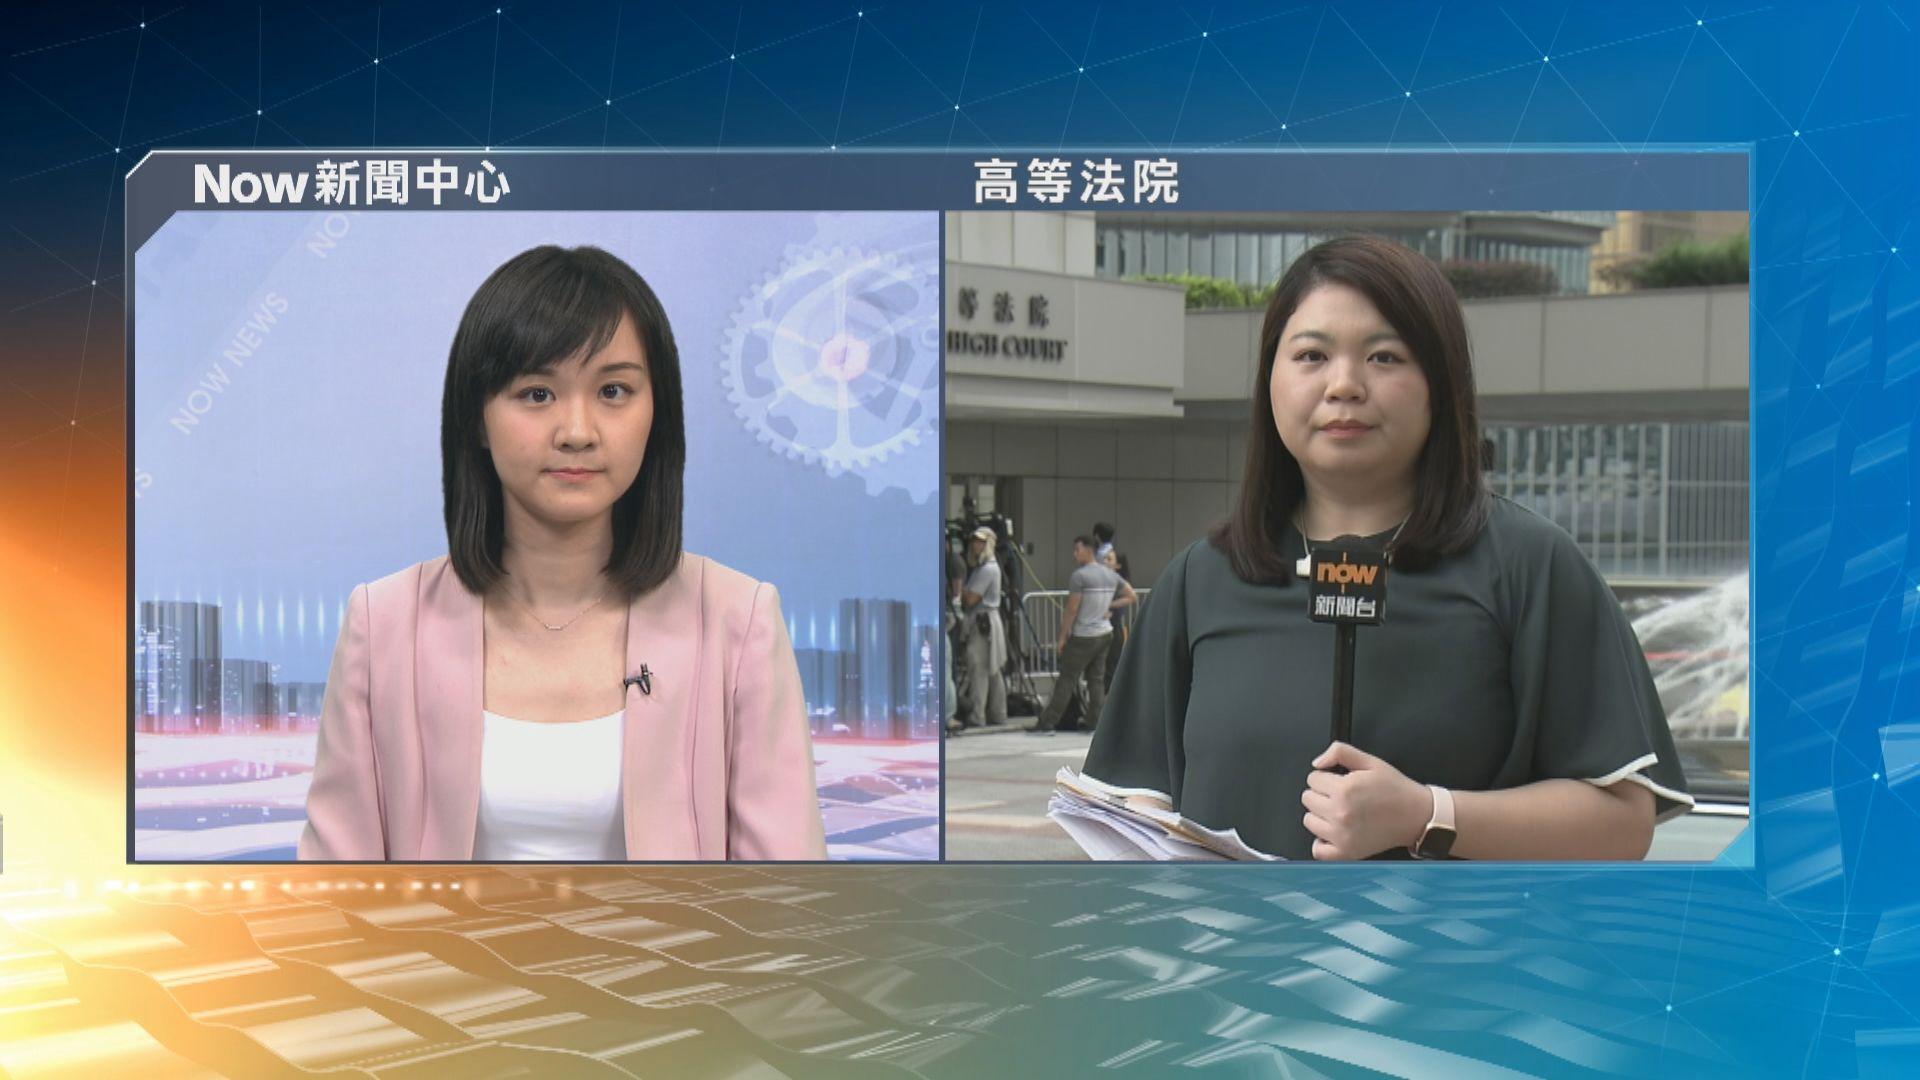 【現場報道】旺角騷亂案 第二三被告脫罪後喜極而泣